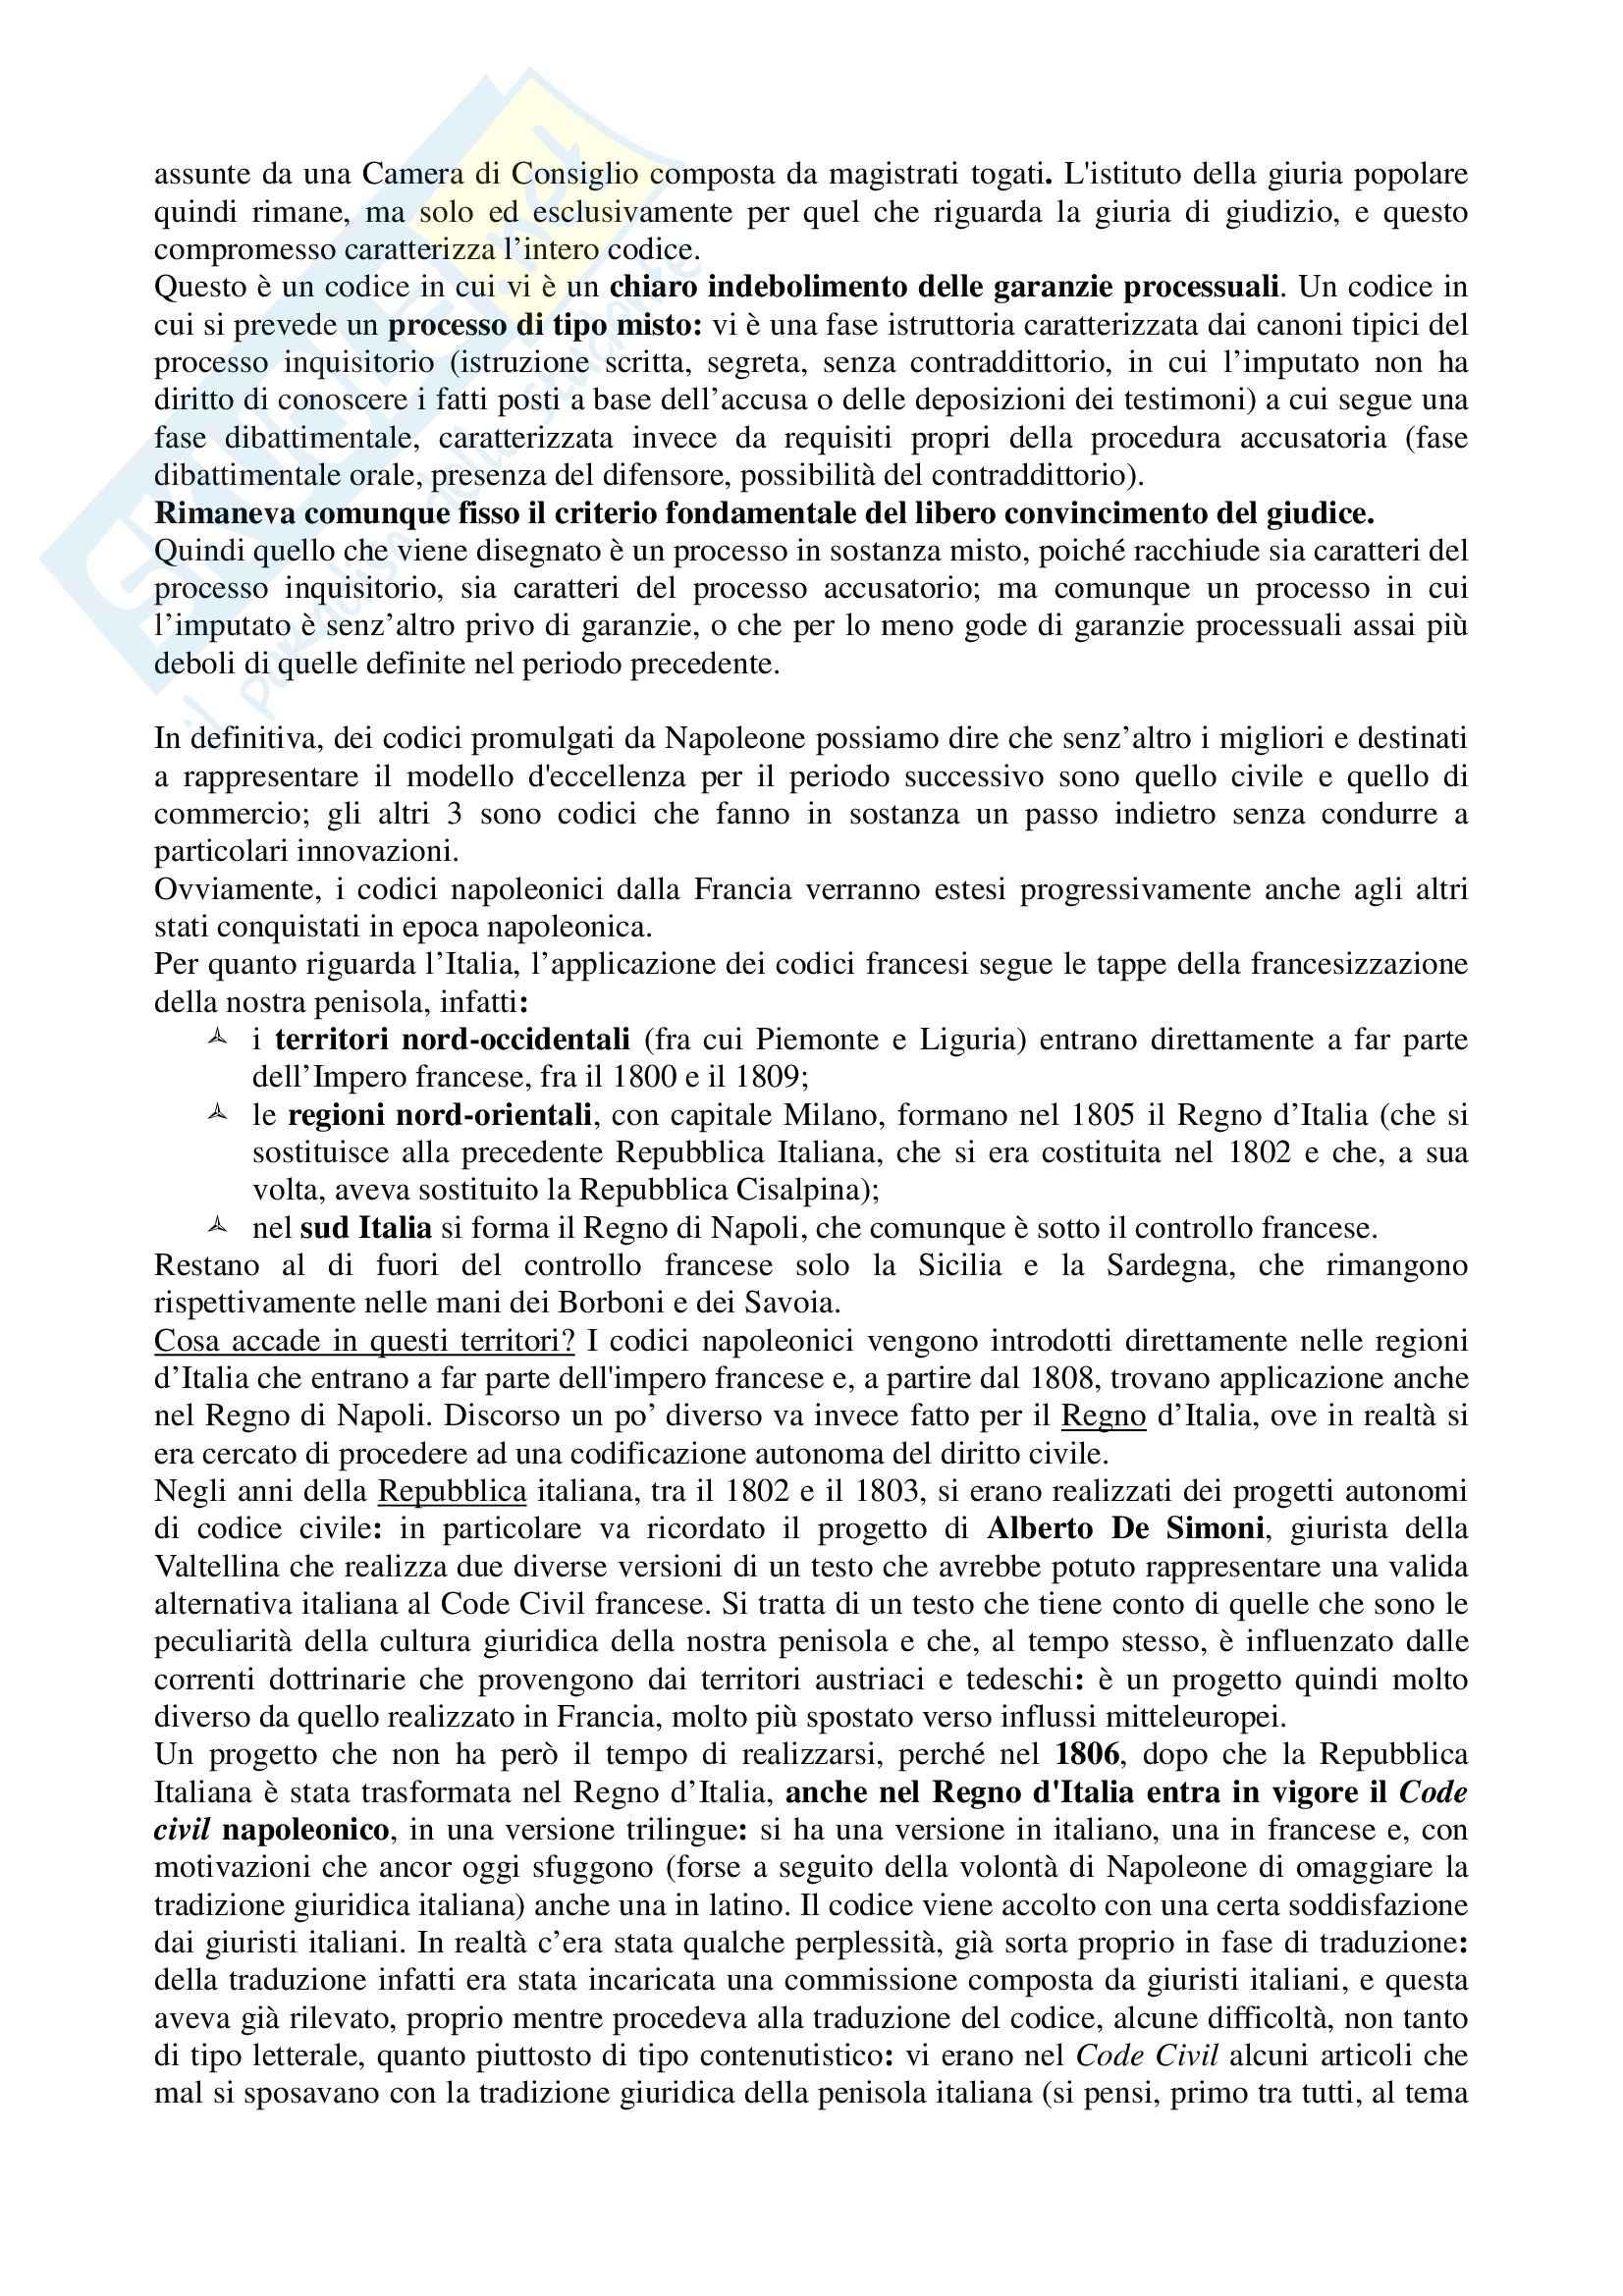 Storia delle codificazioni e delle Costituzioni moderne - Lezioni Pag. 76